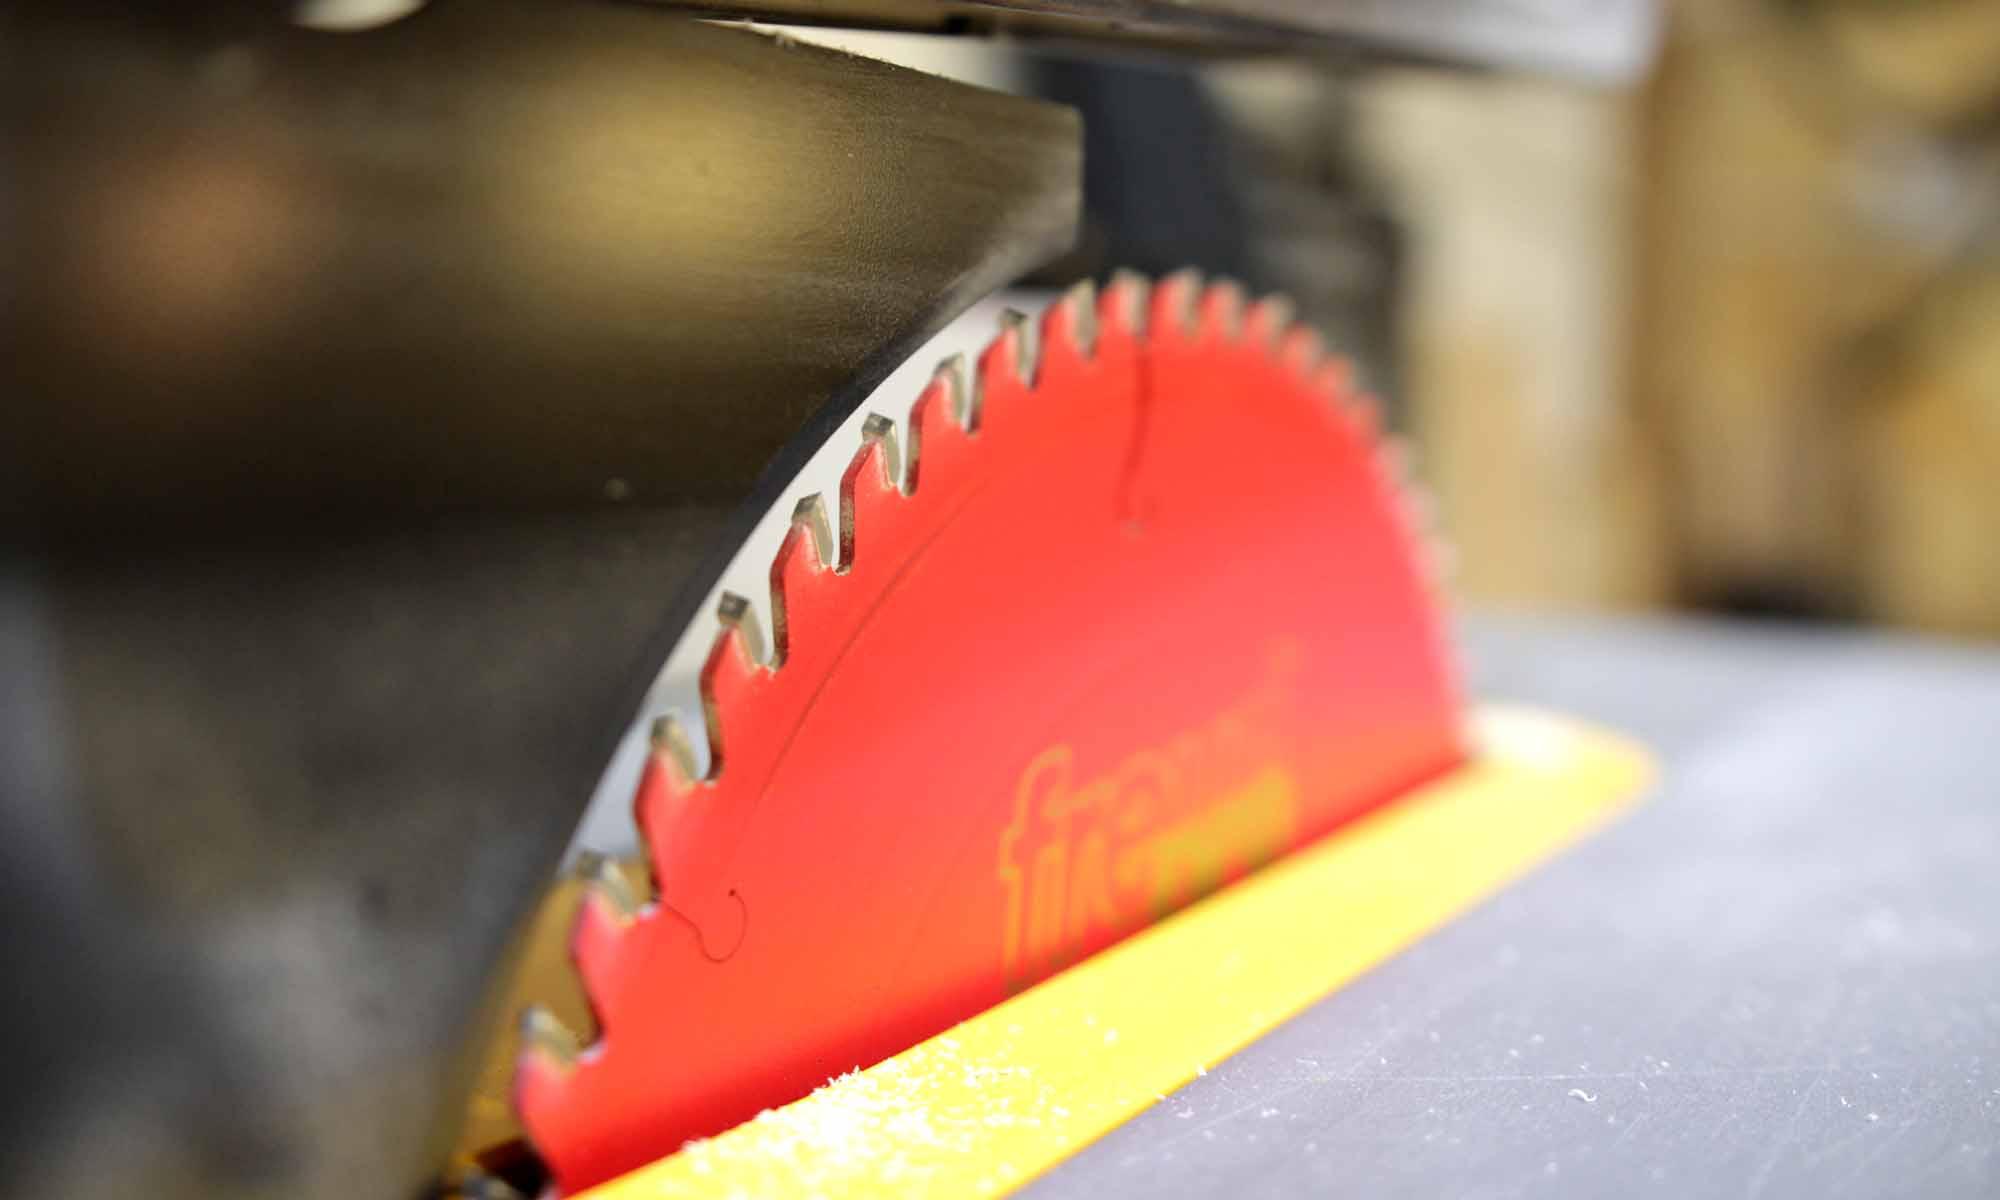 DeWalt DW745 Blade Change, Upgrade to Freud 60 Tooth - Gosforth Handyman